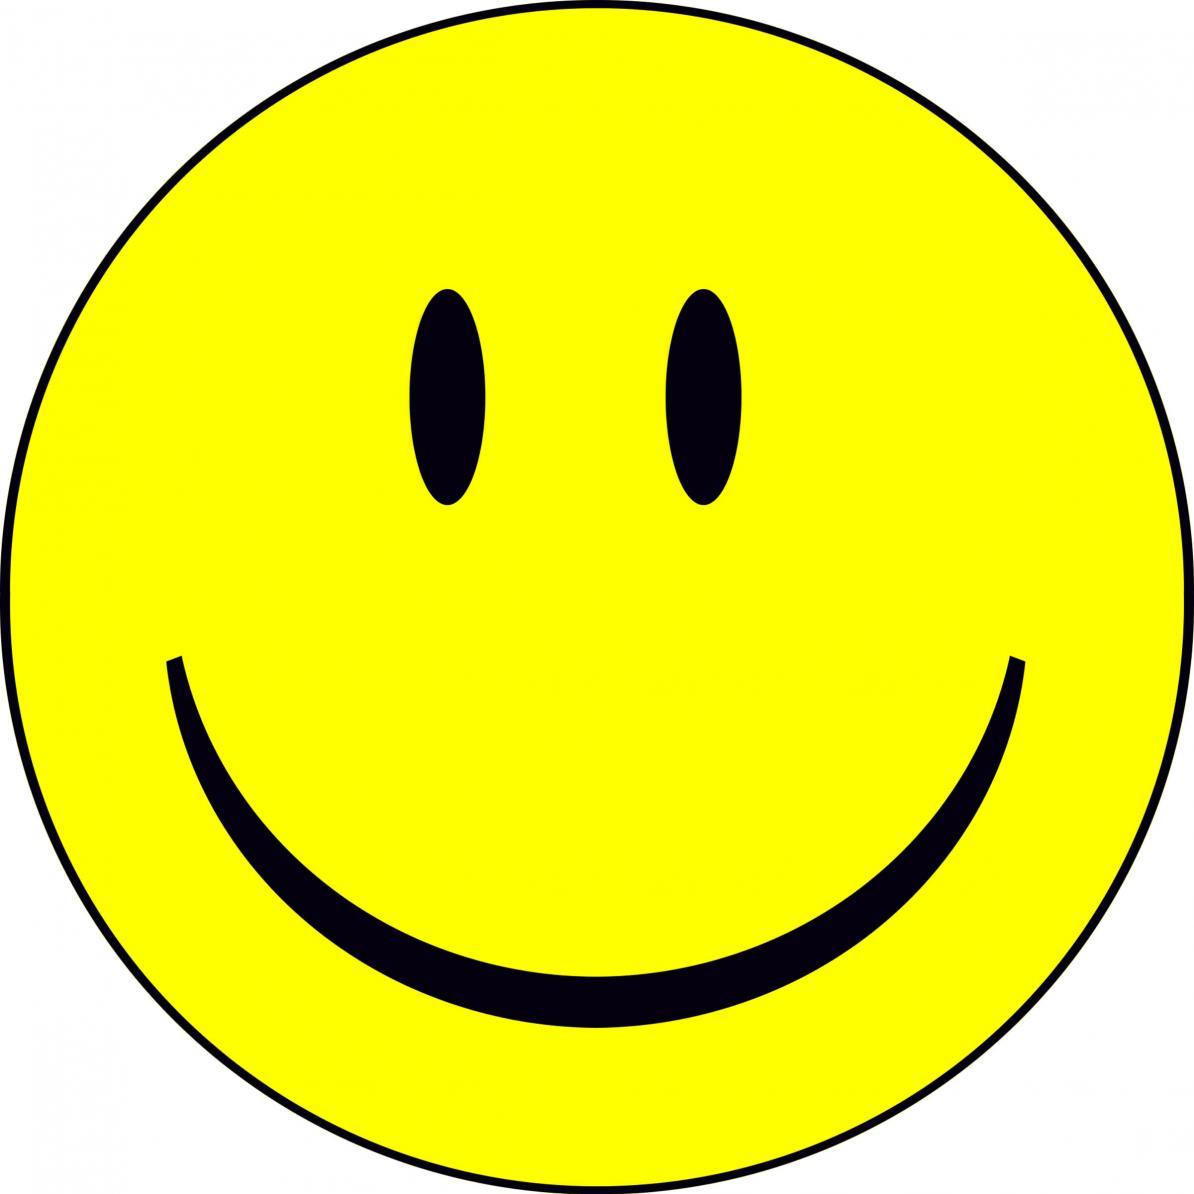 Smiley Face Clip Art |...